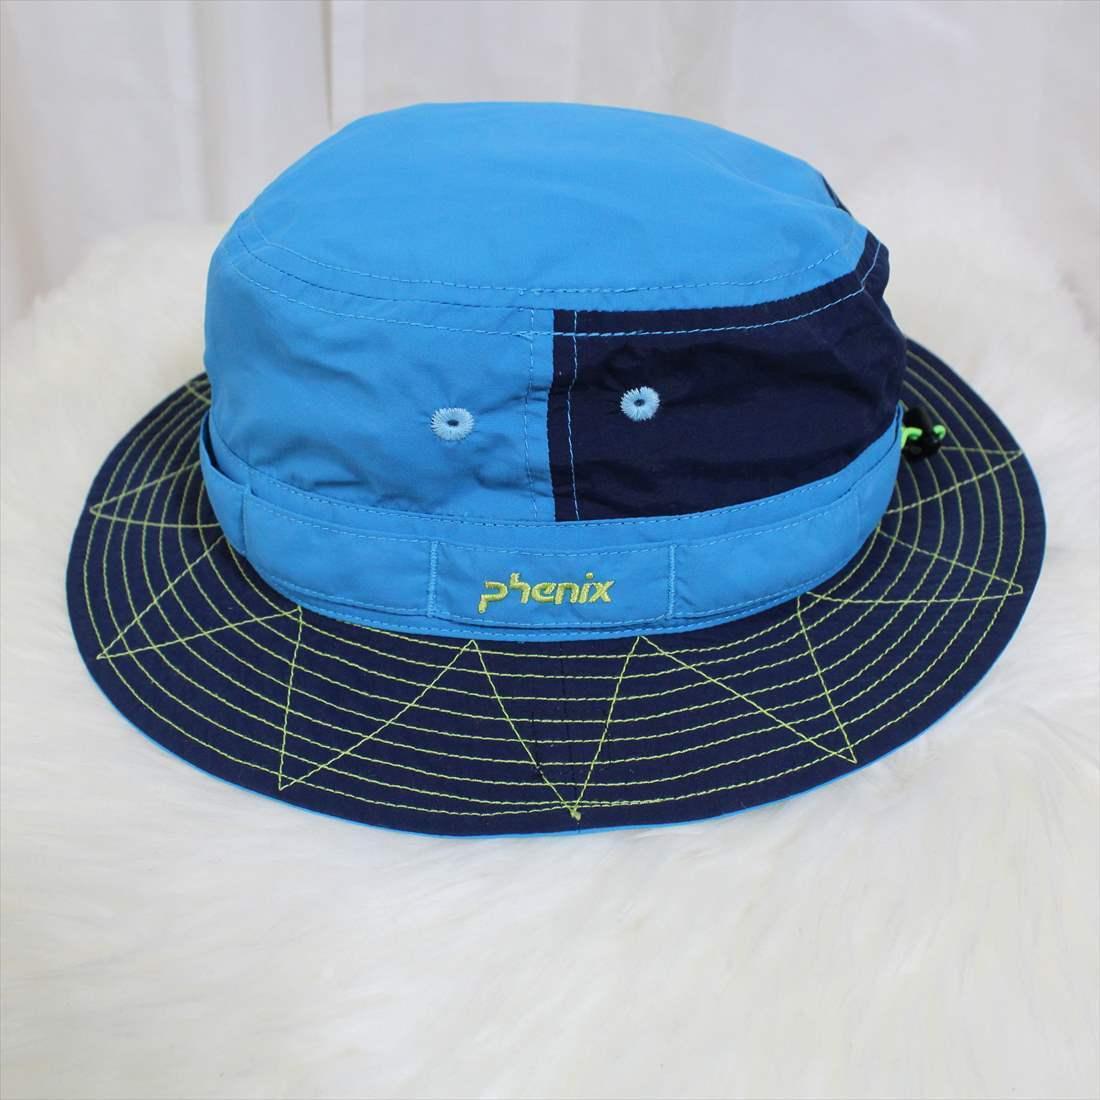 フェニックス phenix ハット 新品 ジュニアフリー 帽子 HAT レディース ブルー PH9A8HW42_画像3